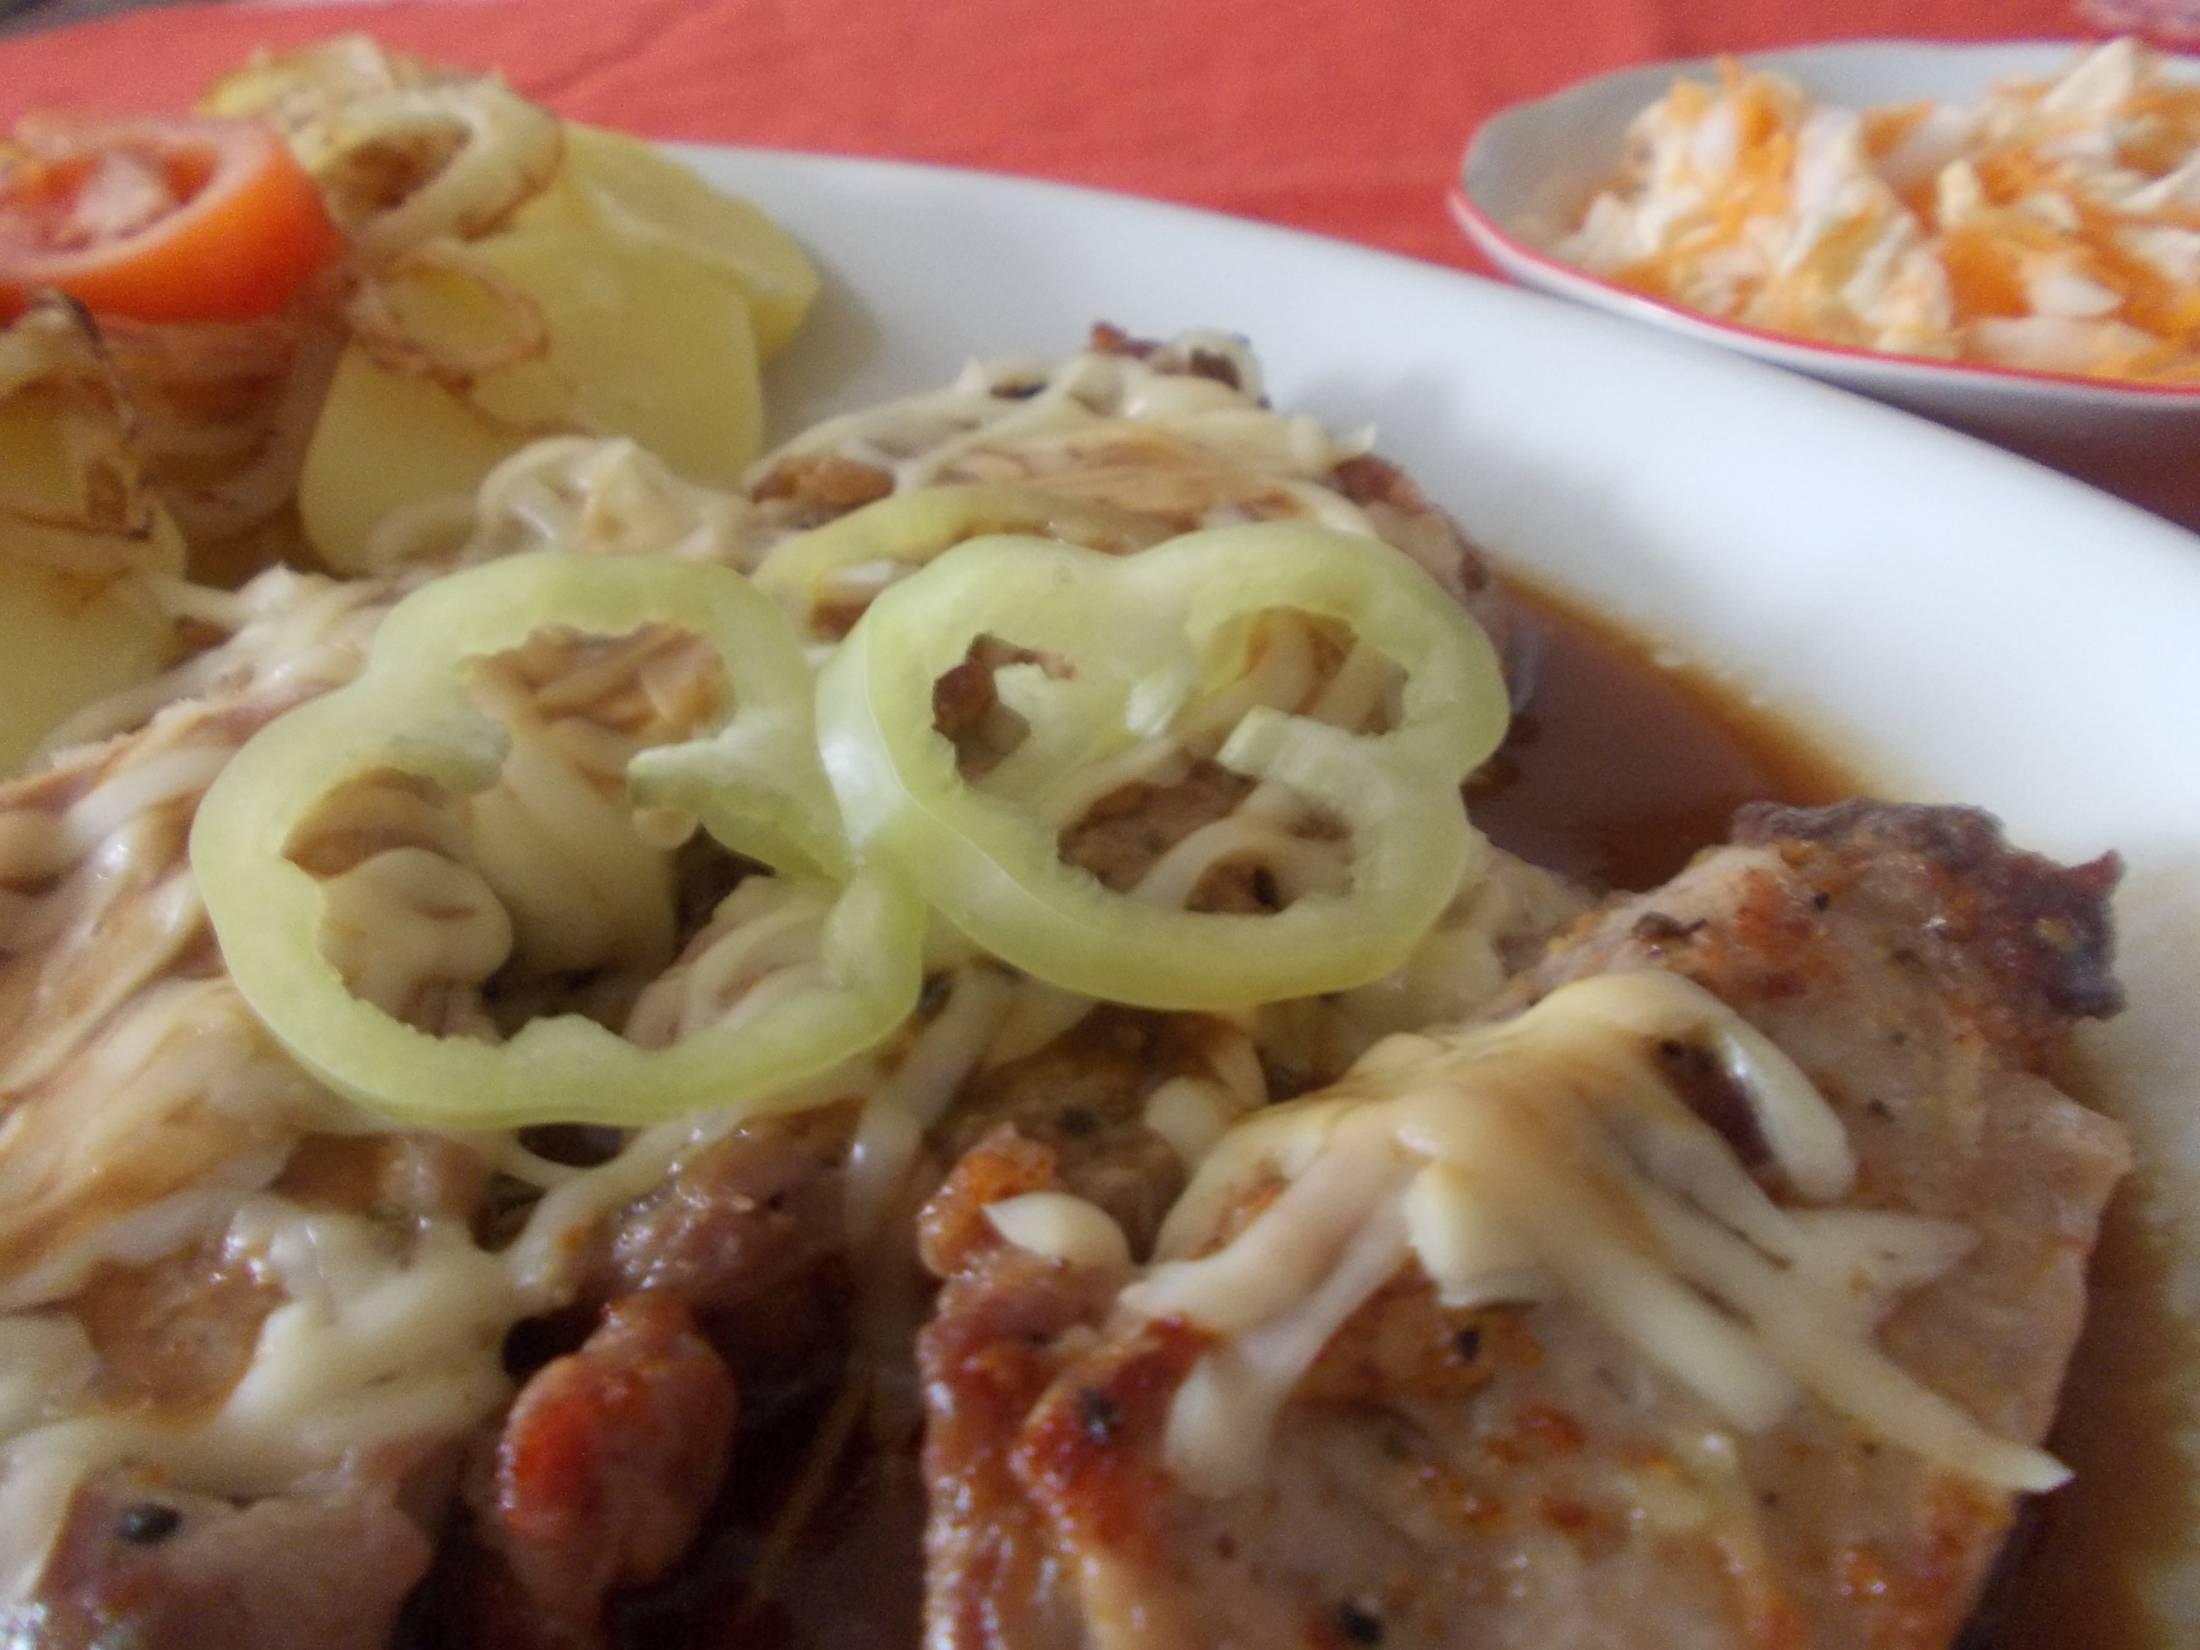 Fotografie receptu: Vepřové medailonky s bramborem a smaženými cibulovými kroužky